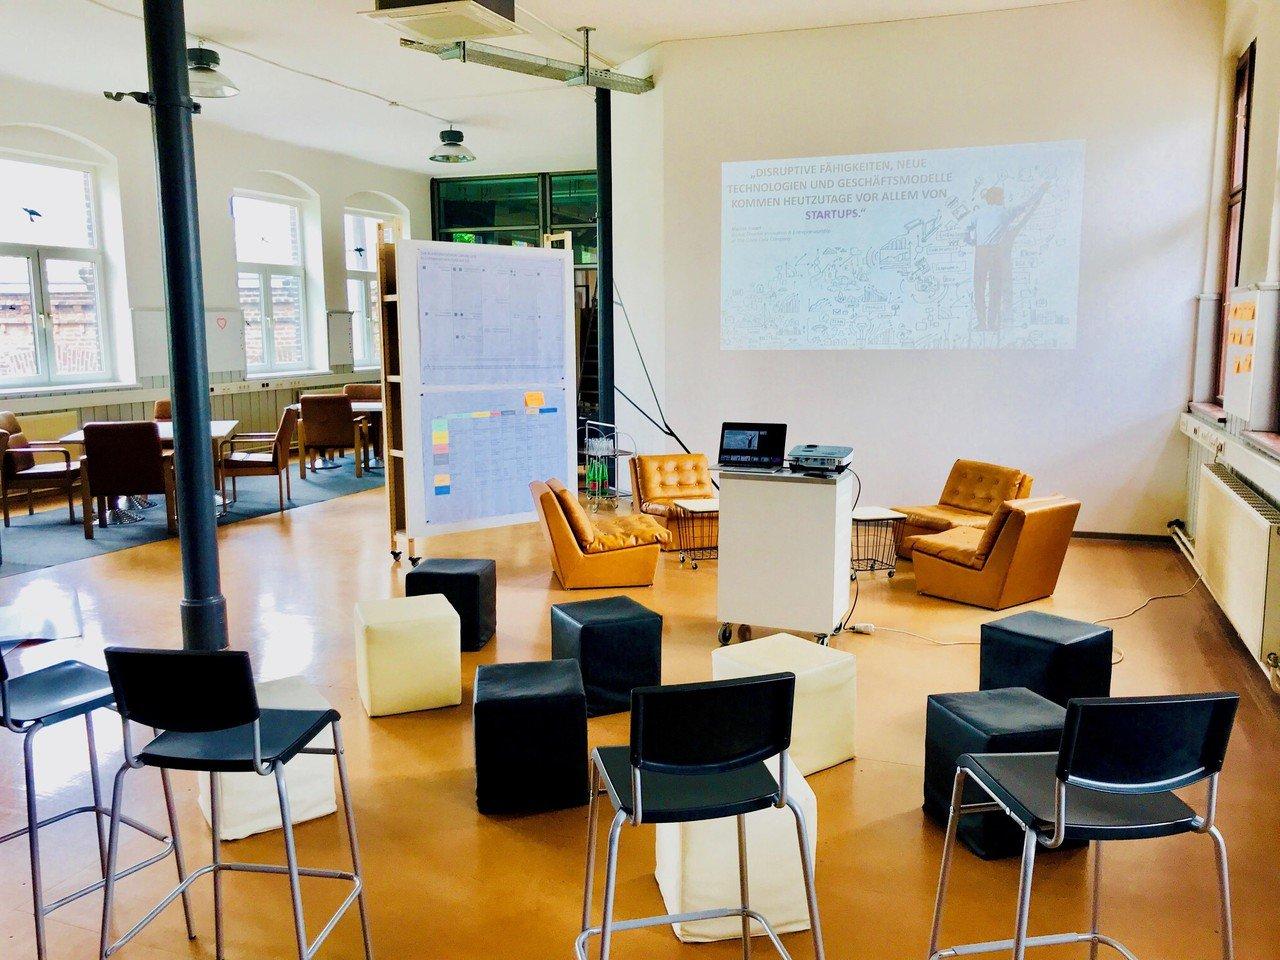 Wien  Meetingraum Creative Space Two image 6